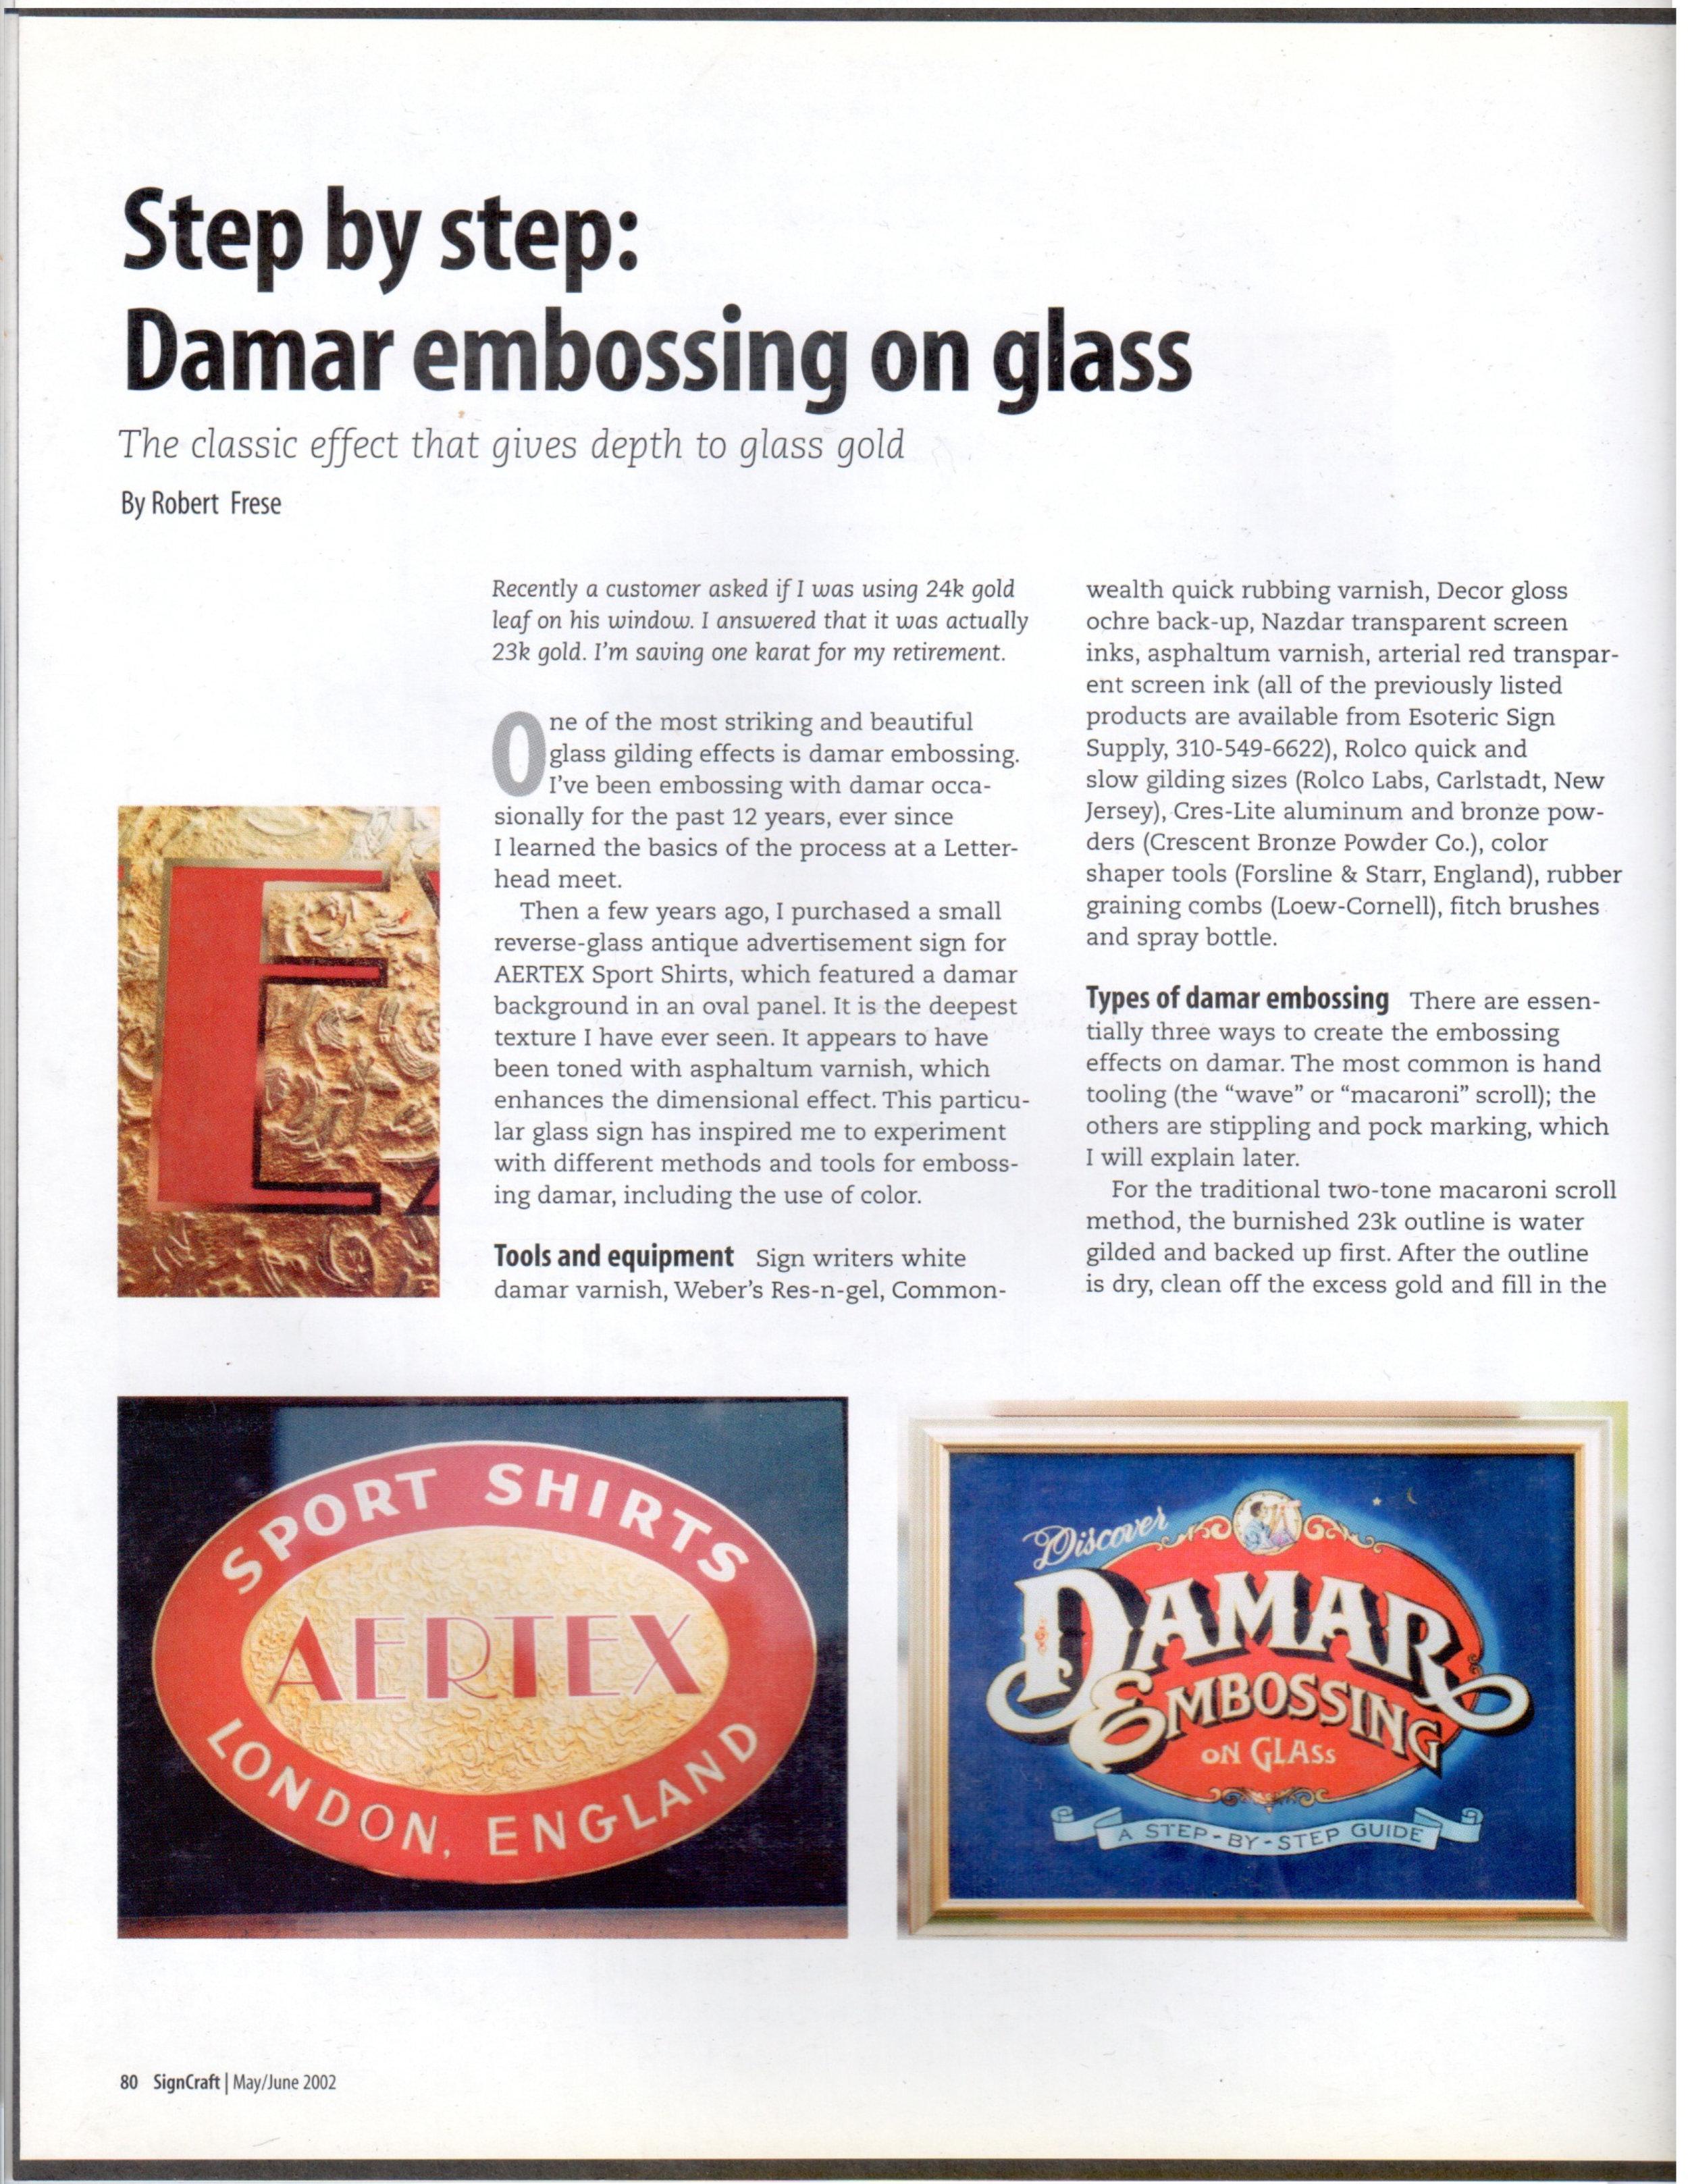 damar-1.jpg